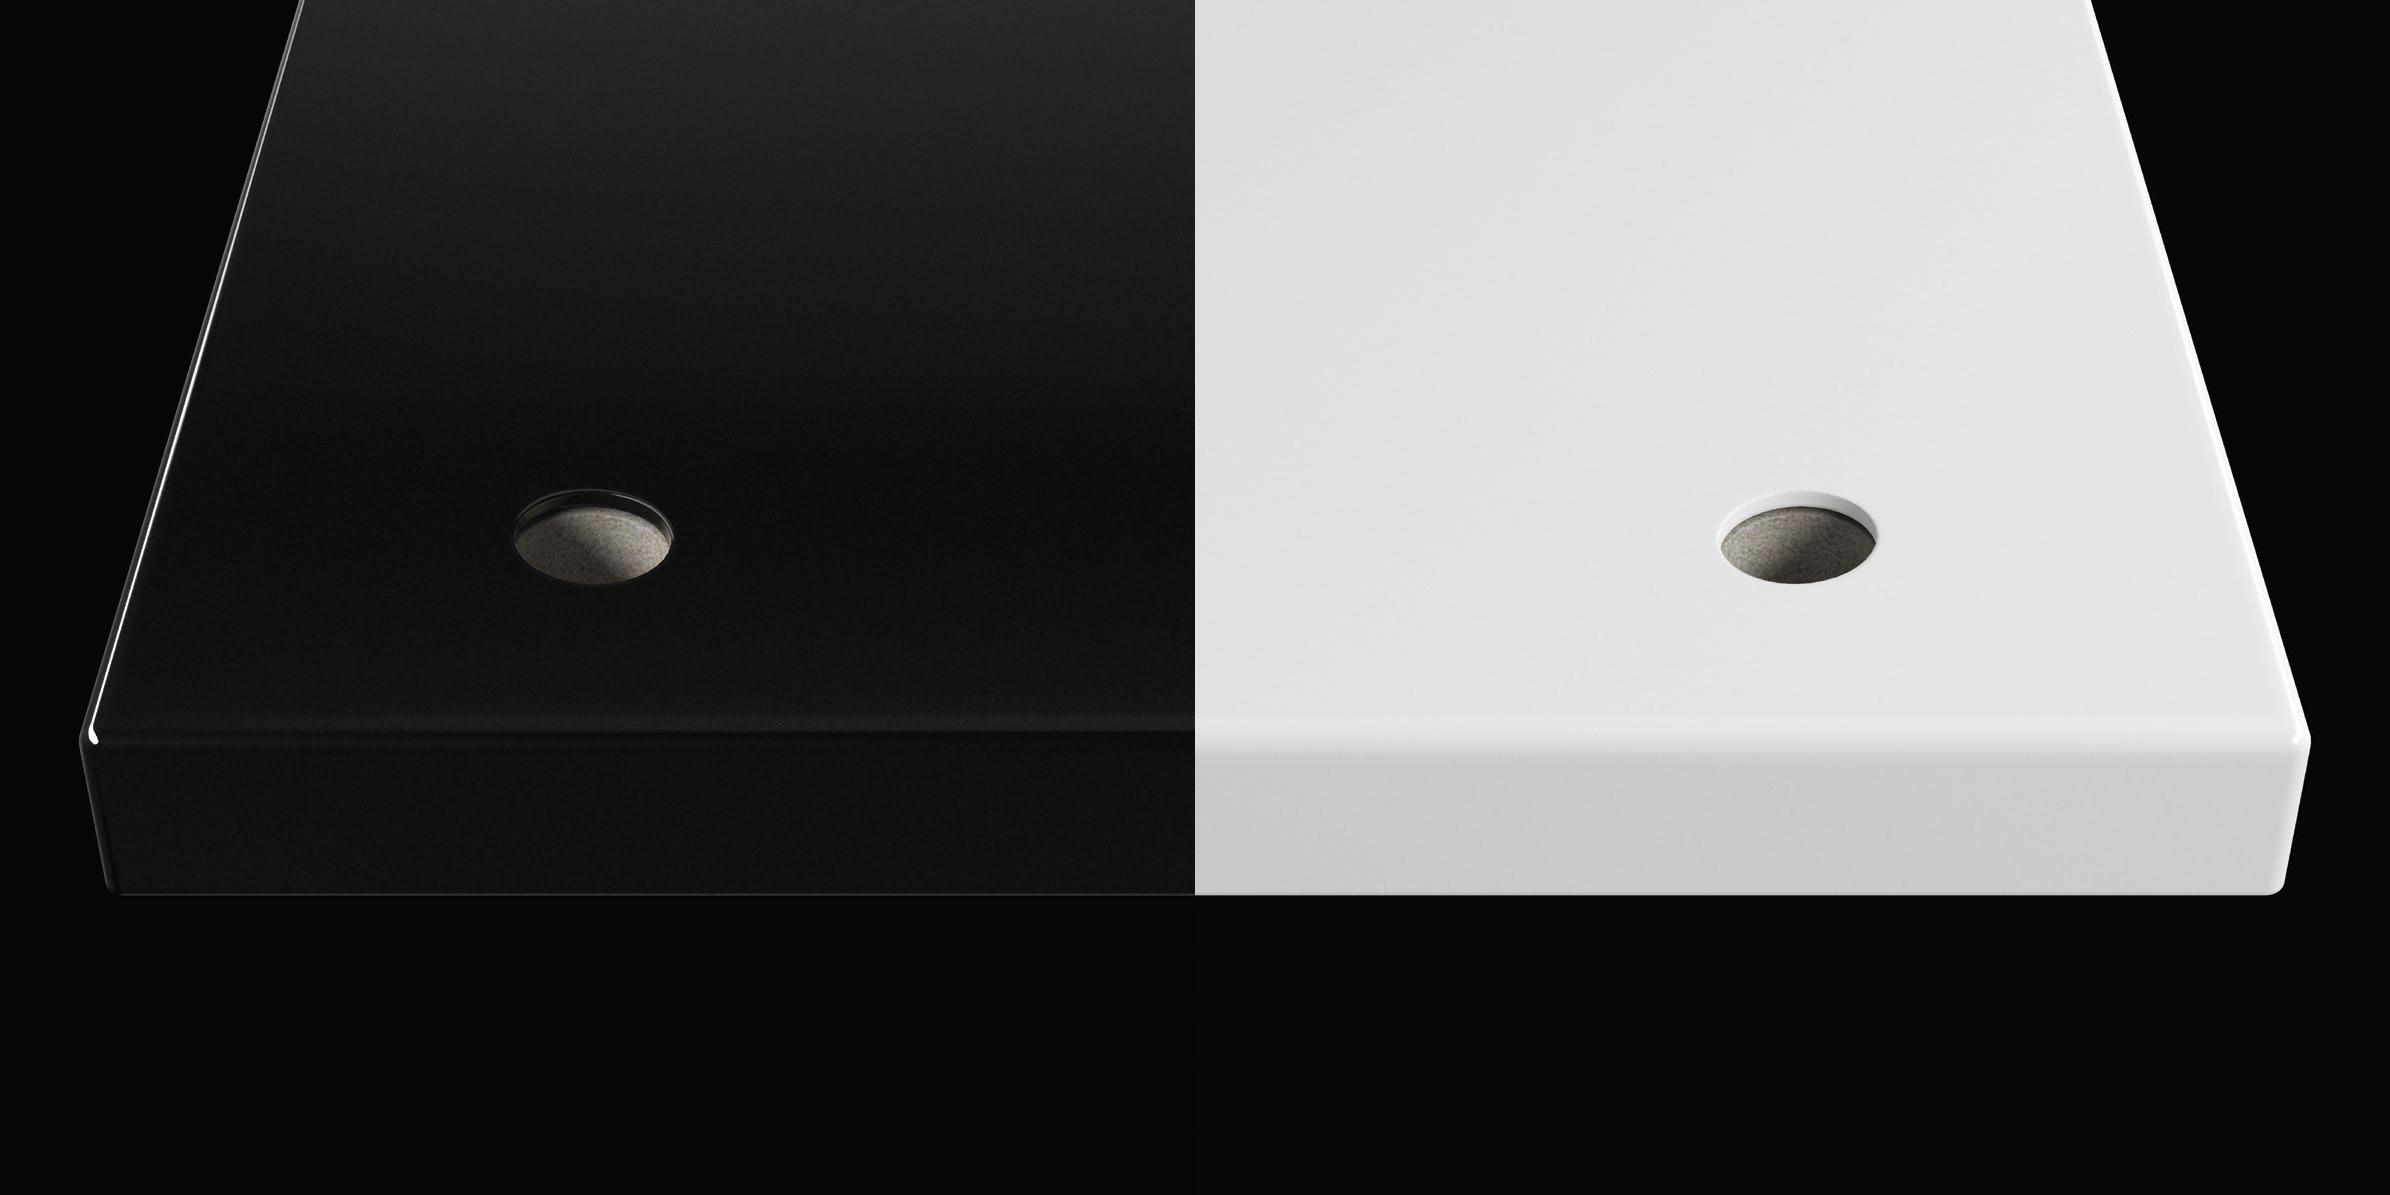 tRACK-Regal Oberfläche in schwarz und weiß.